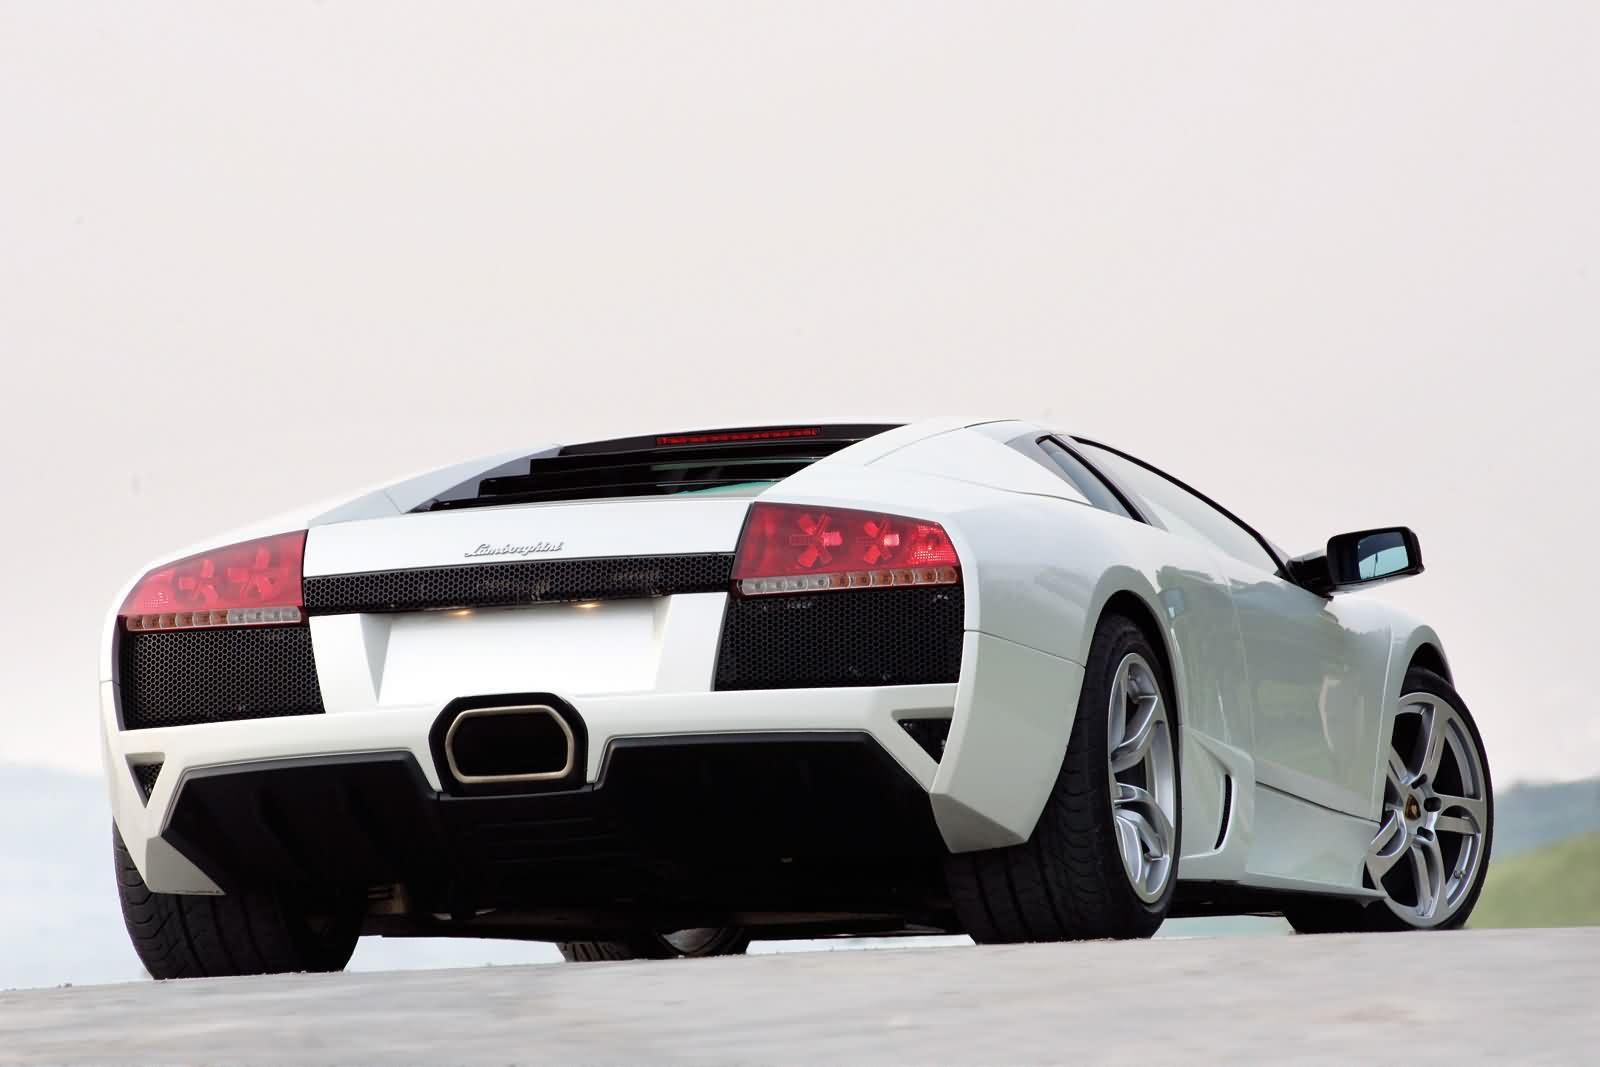 Lamborghini Murciélago LP 640